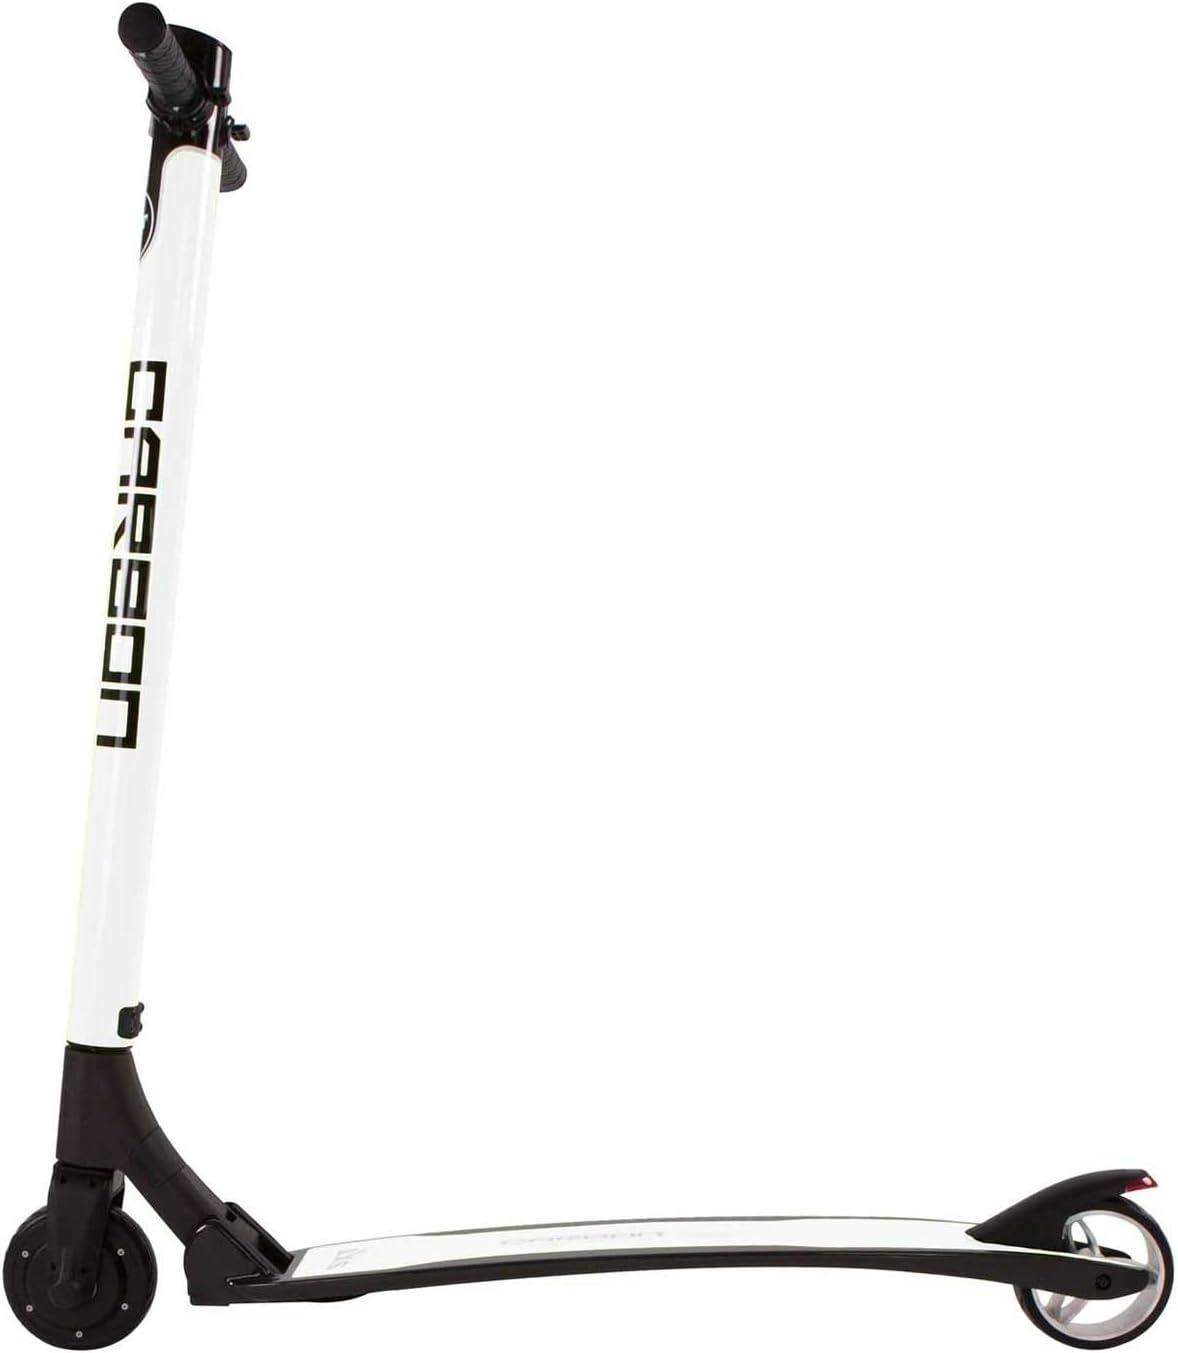 SXT Carbon V2 leichter E-Scooter kaufen